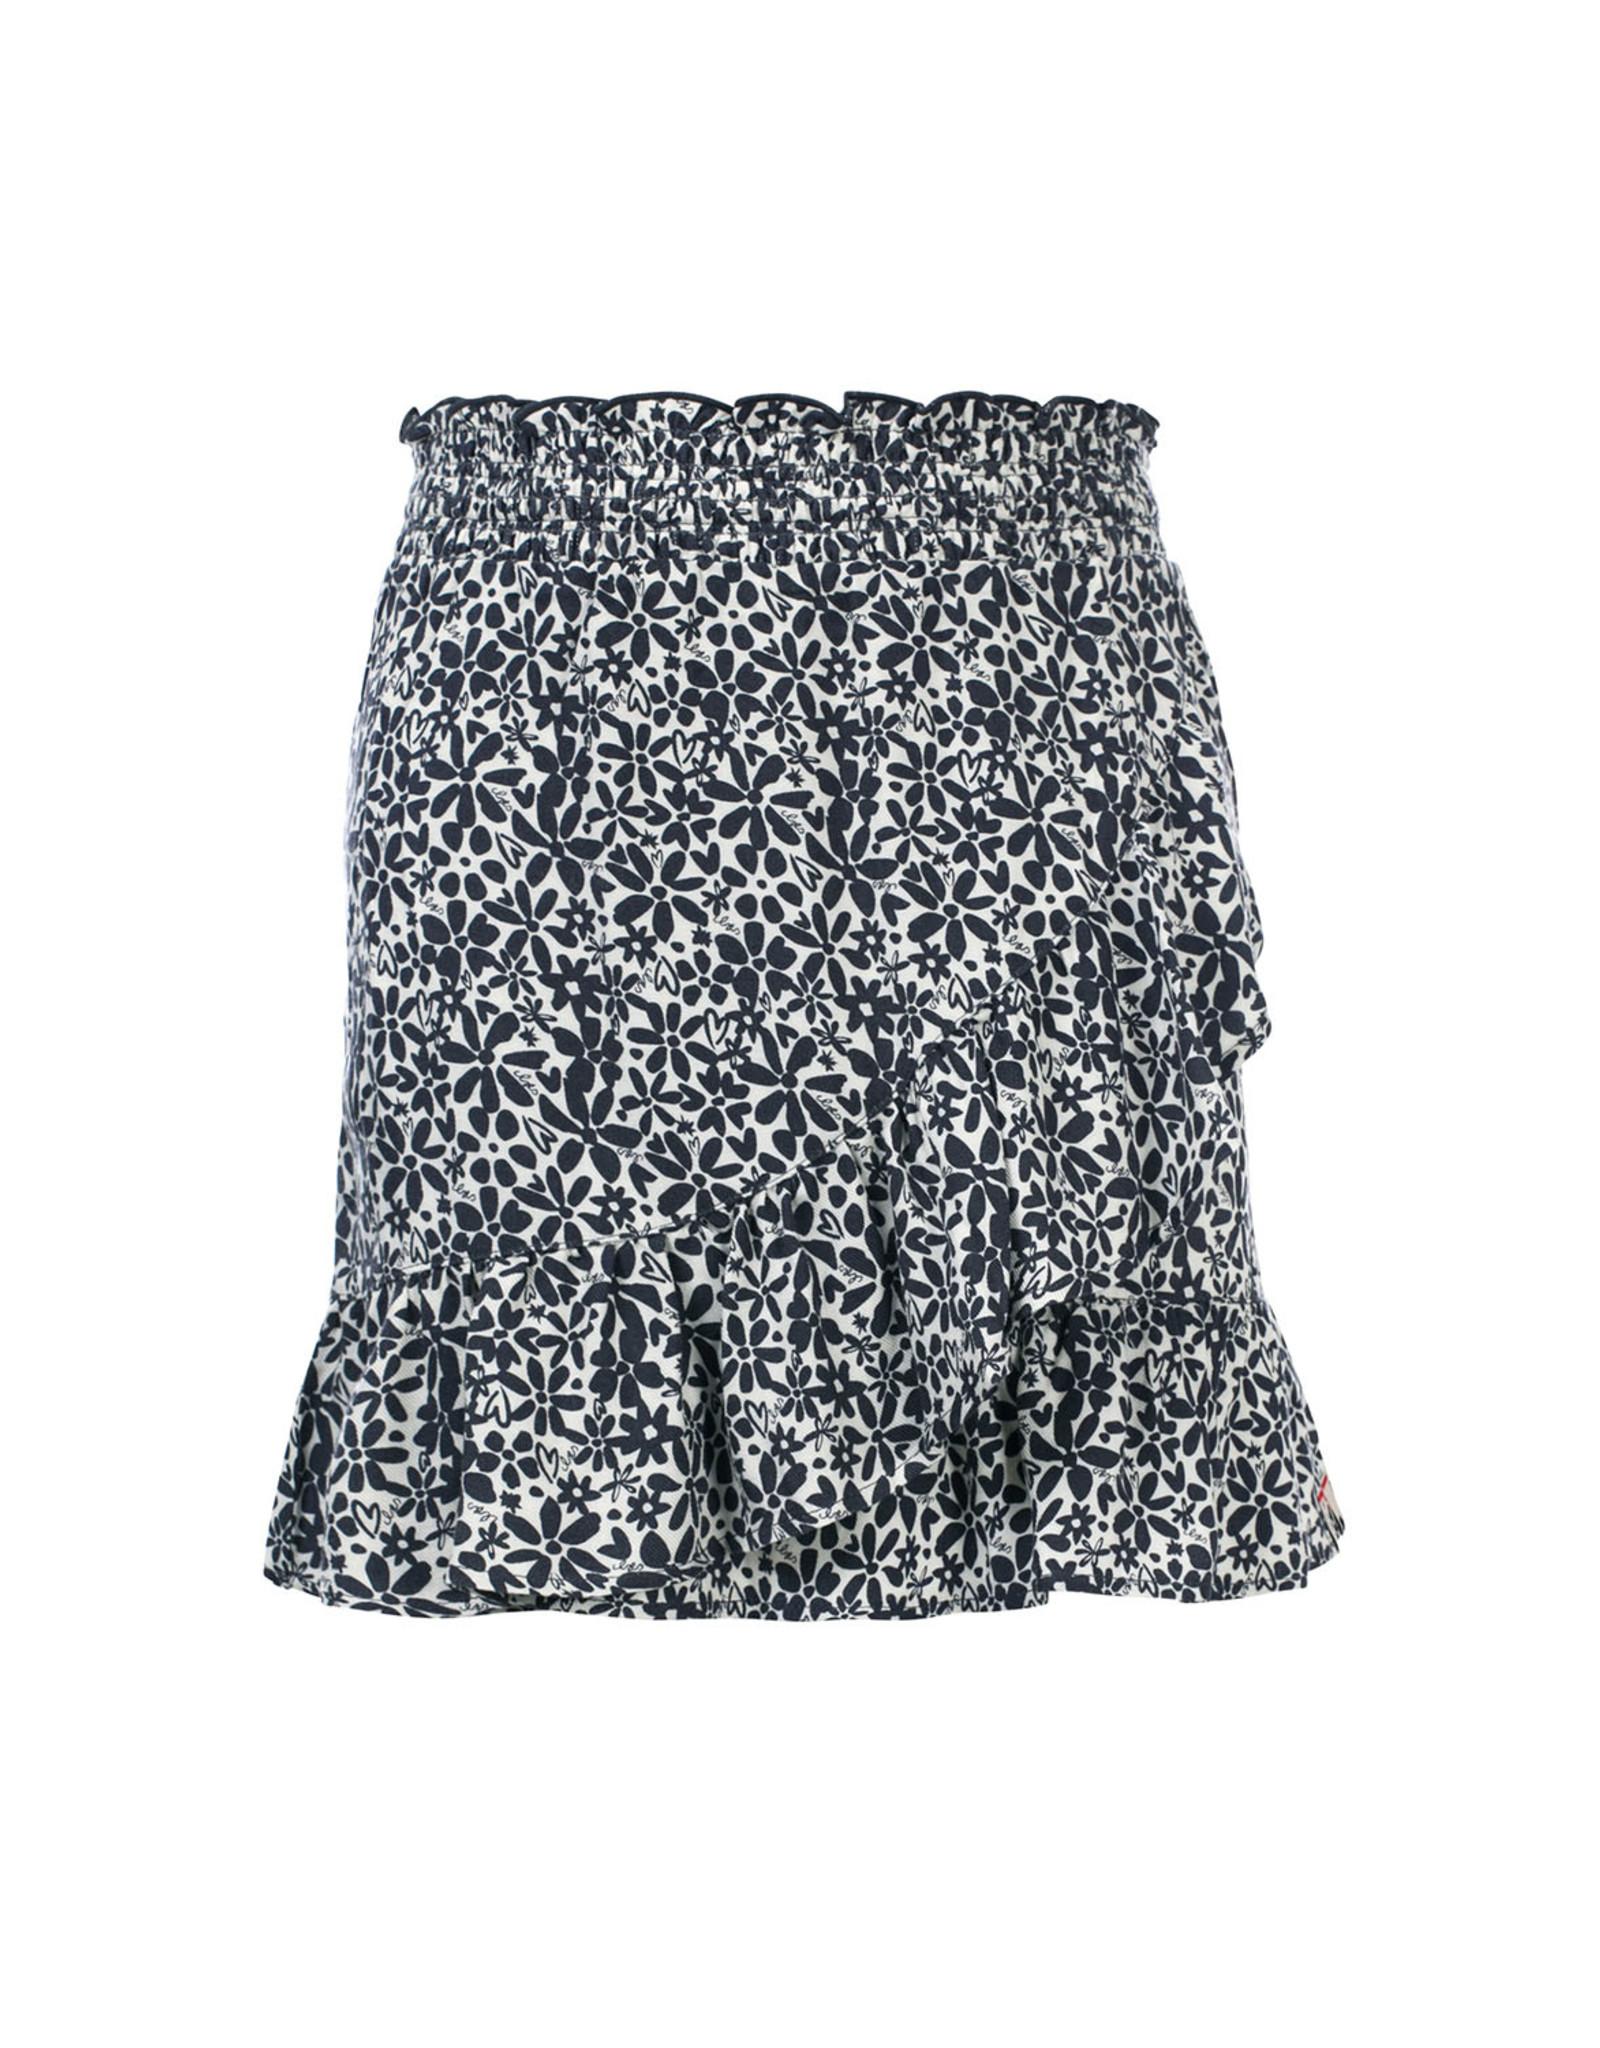 LOOXS Little Little skirt, FLOWERFIELD